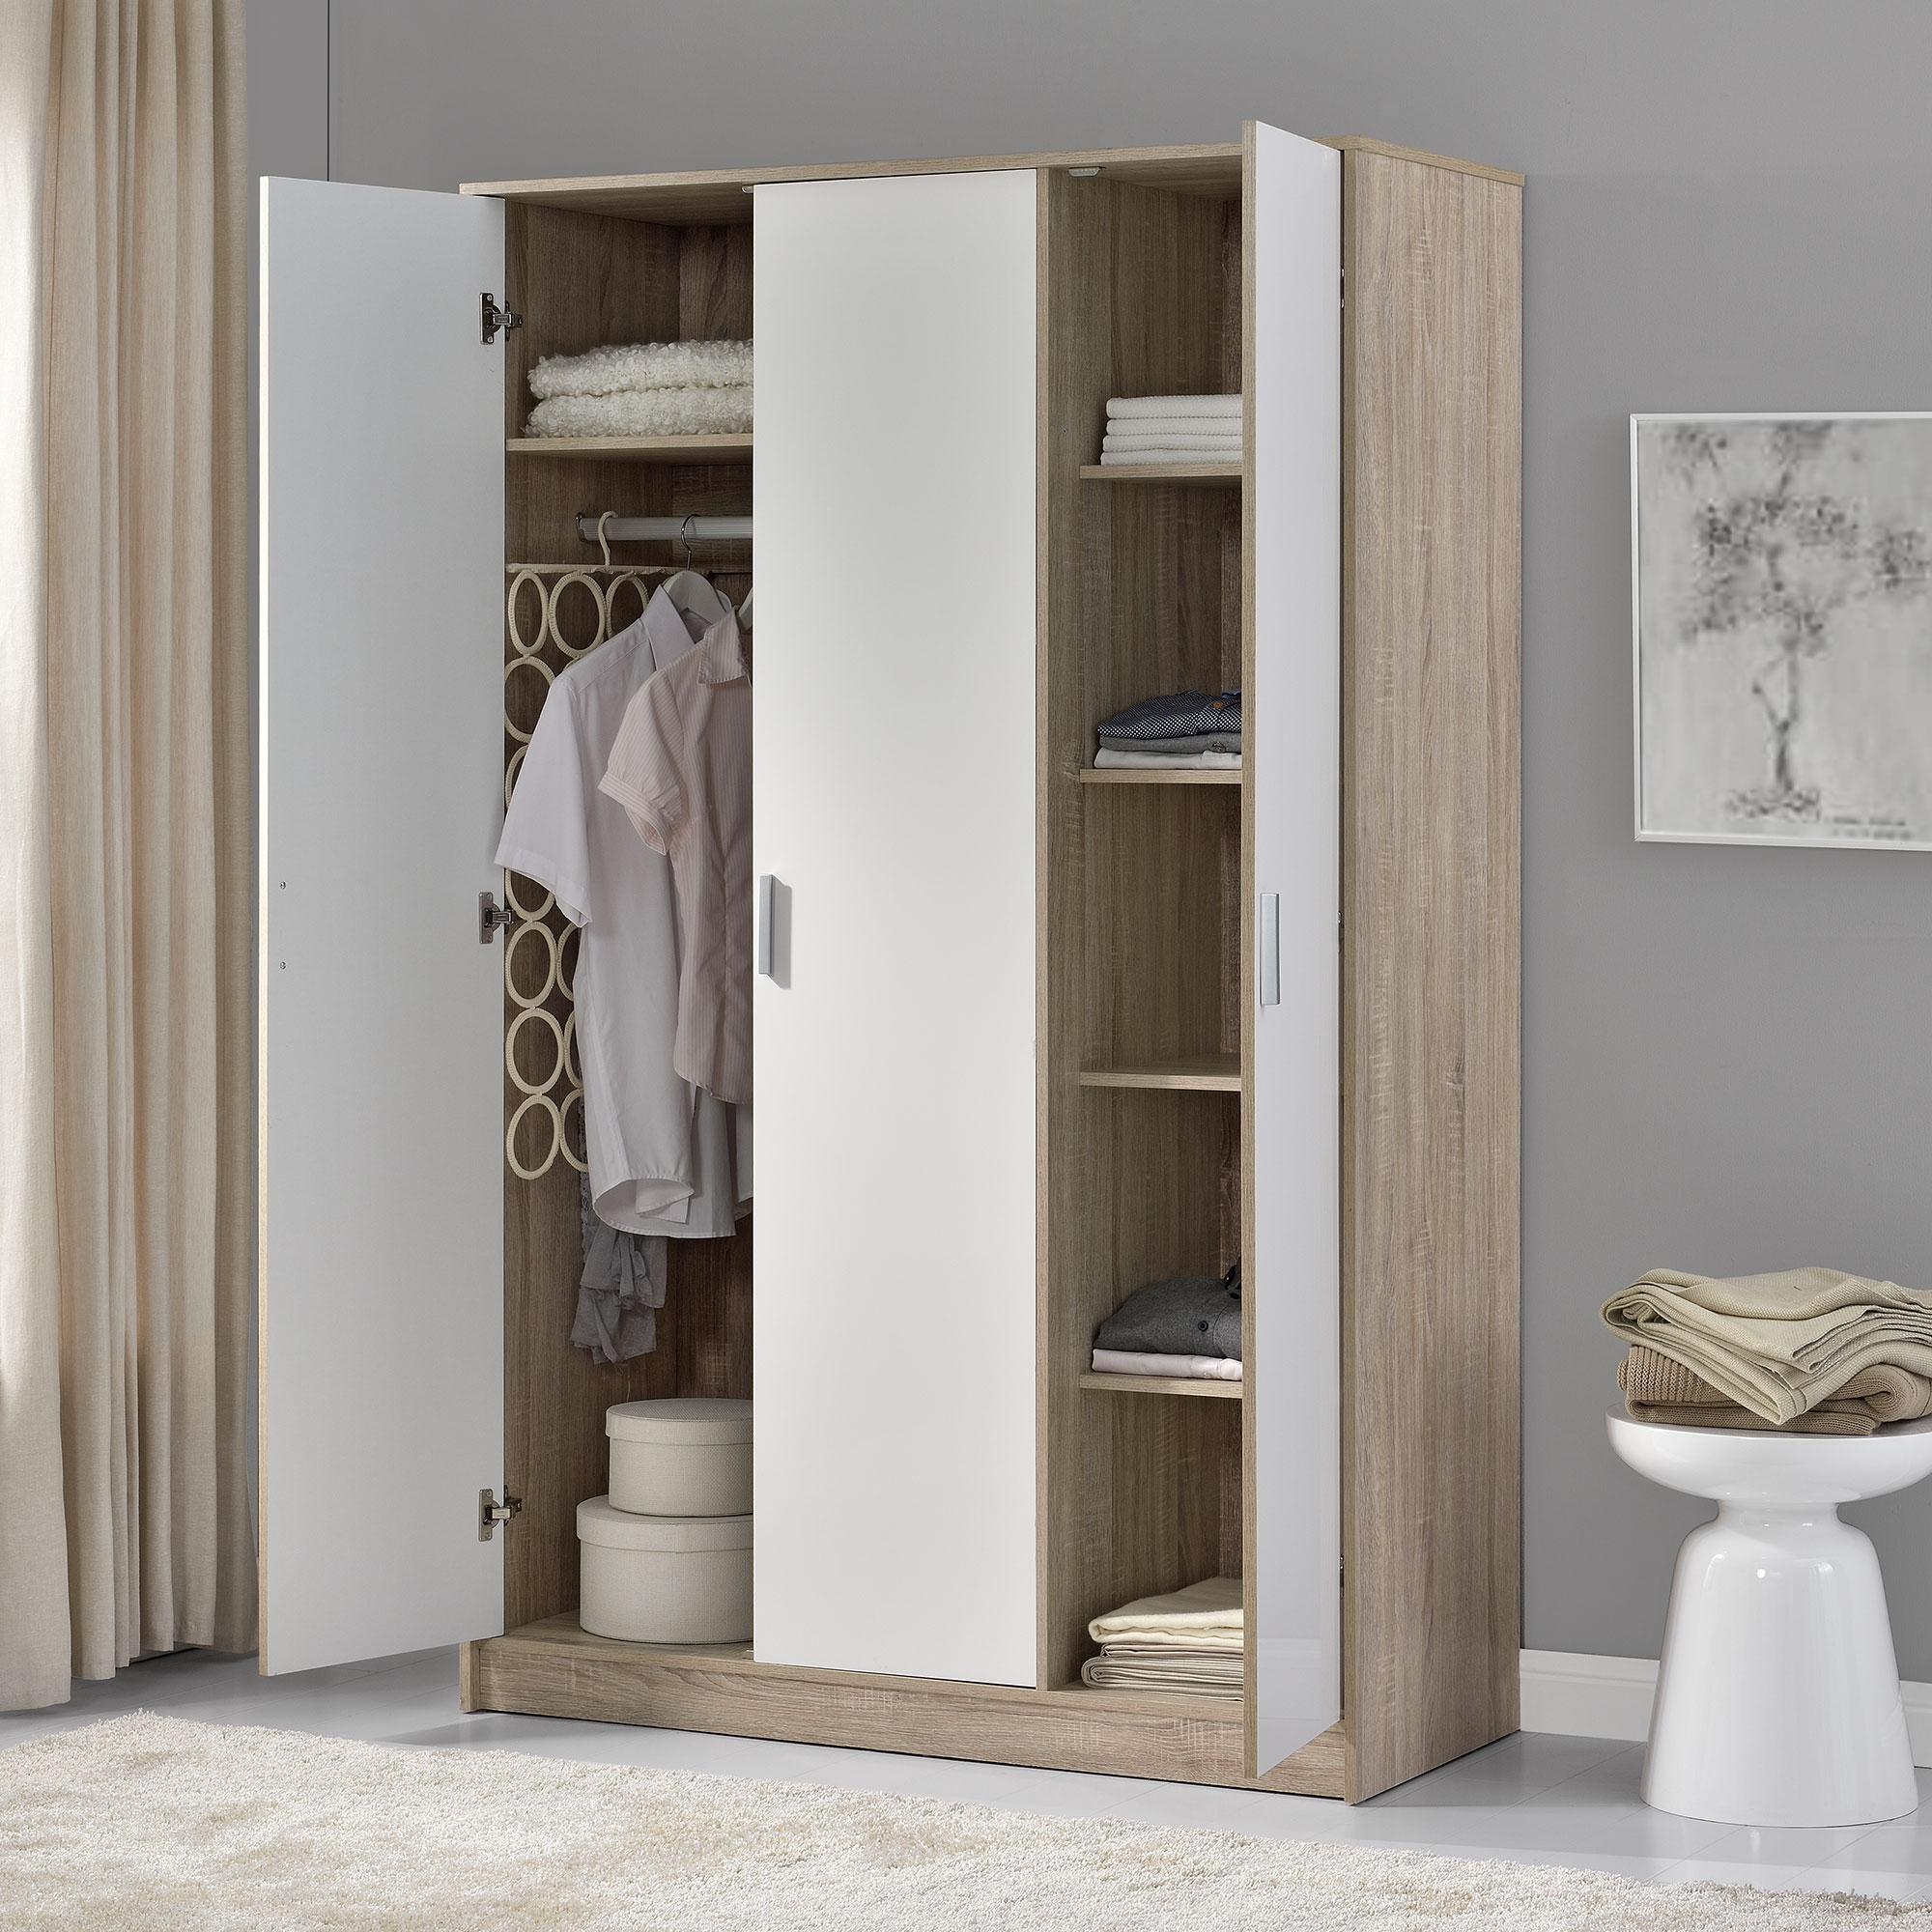 kleiderschrank sideboard nachttisch schreibtisch. Black Bedroom Furniture Sets. Home Design Ideas